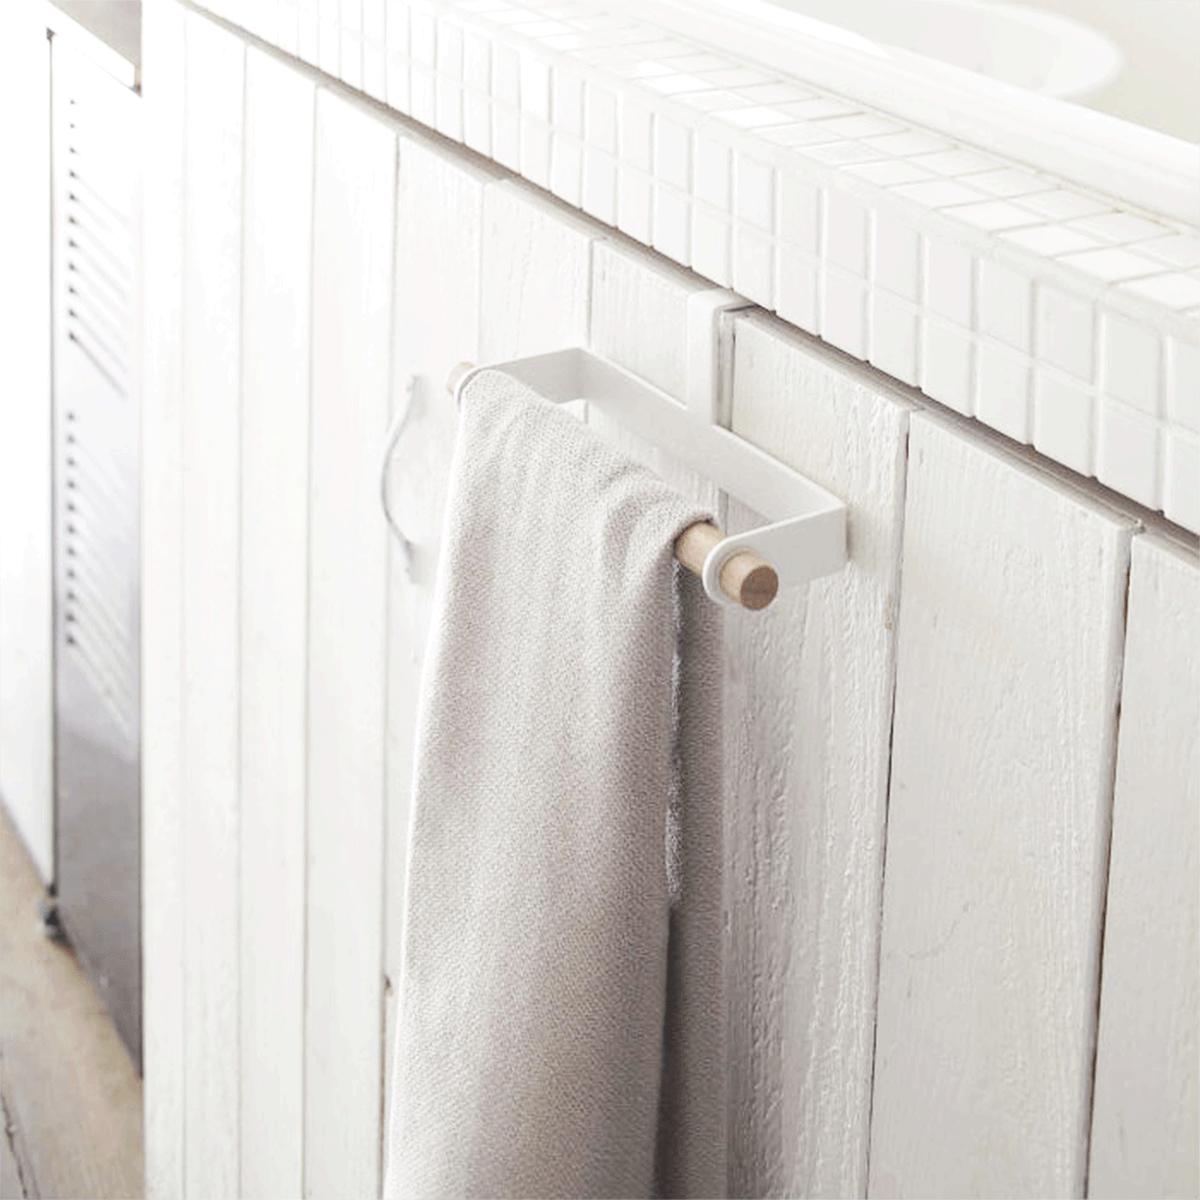 Comment Fabriquer Un Accroche Torchon crochet porte torchon en métal blanc | porte torchon